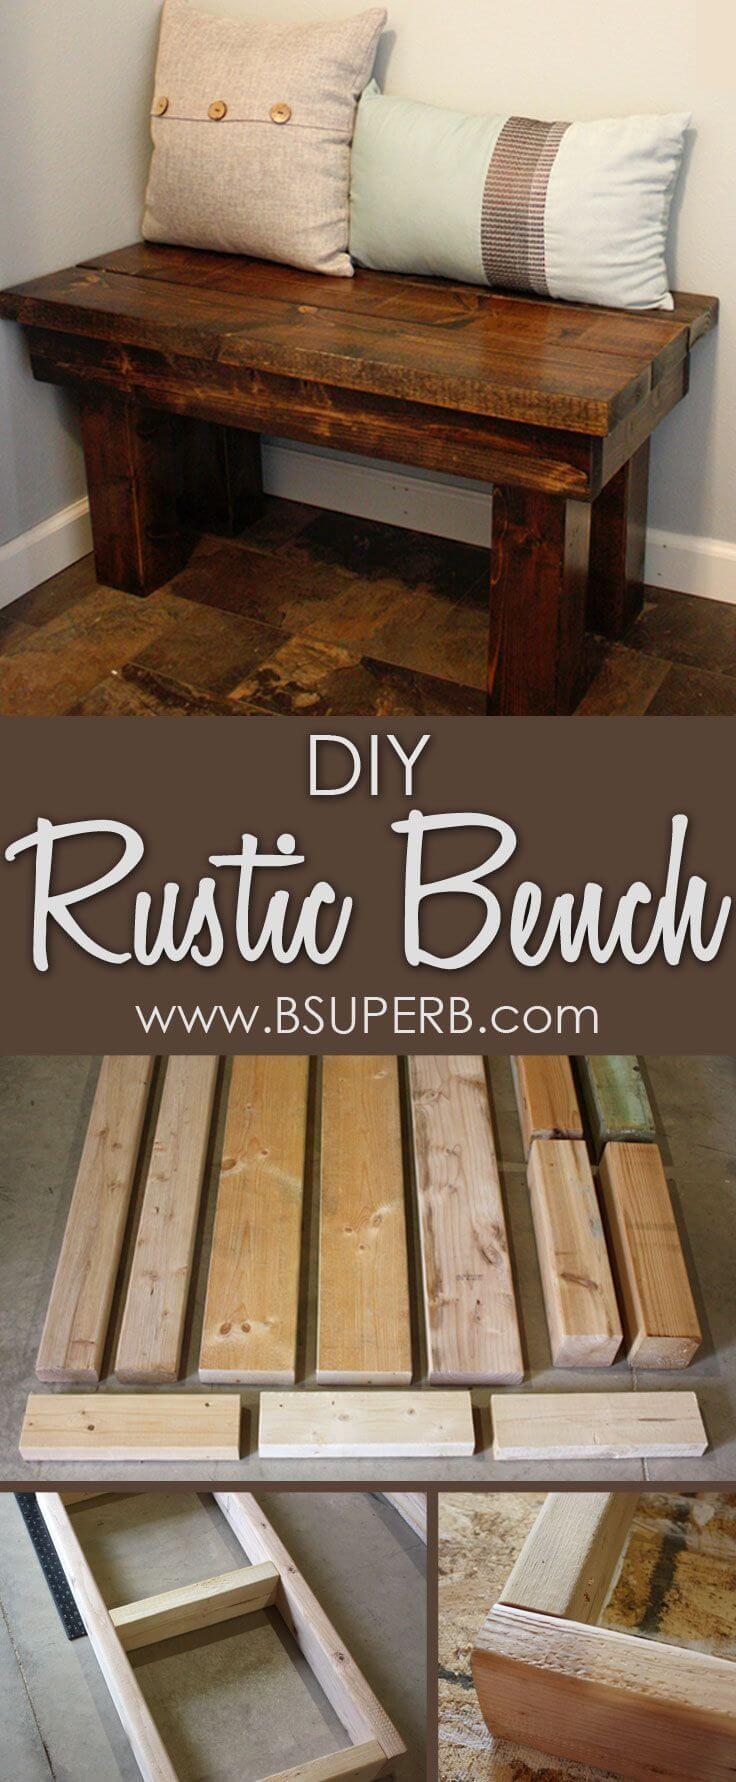 Easy+Rustic+Entryway+Wooden+Bench